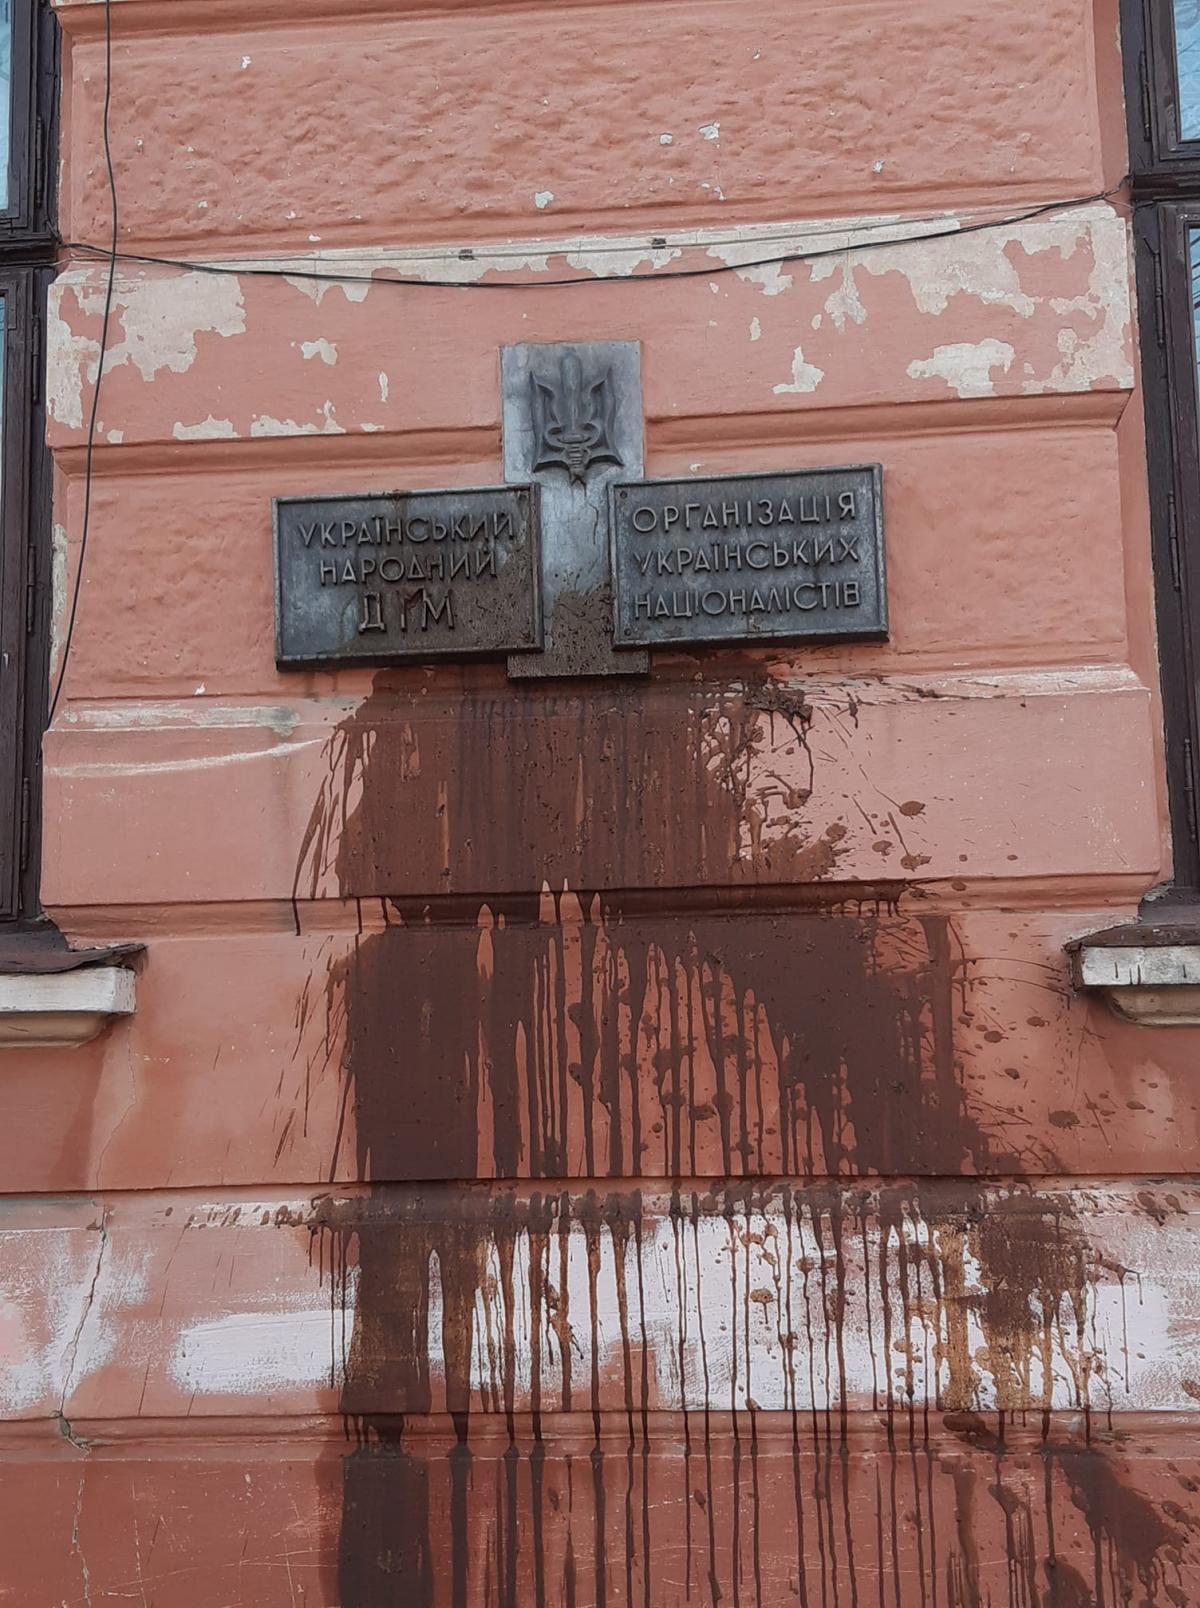 Невідомі облили нечистотами фасад приміщення на вулиці Якоба фон Петровича / фото УНІАН